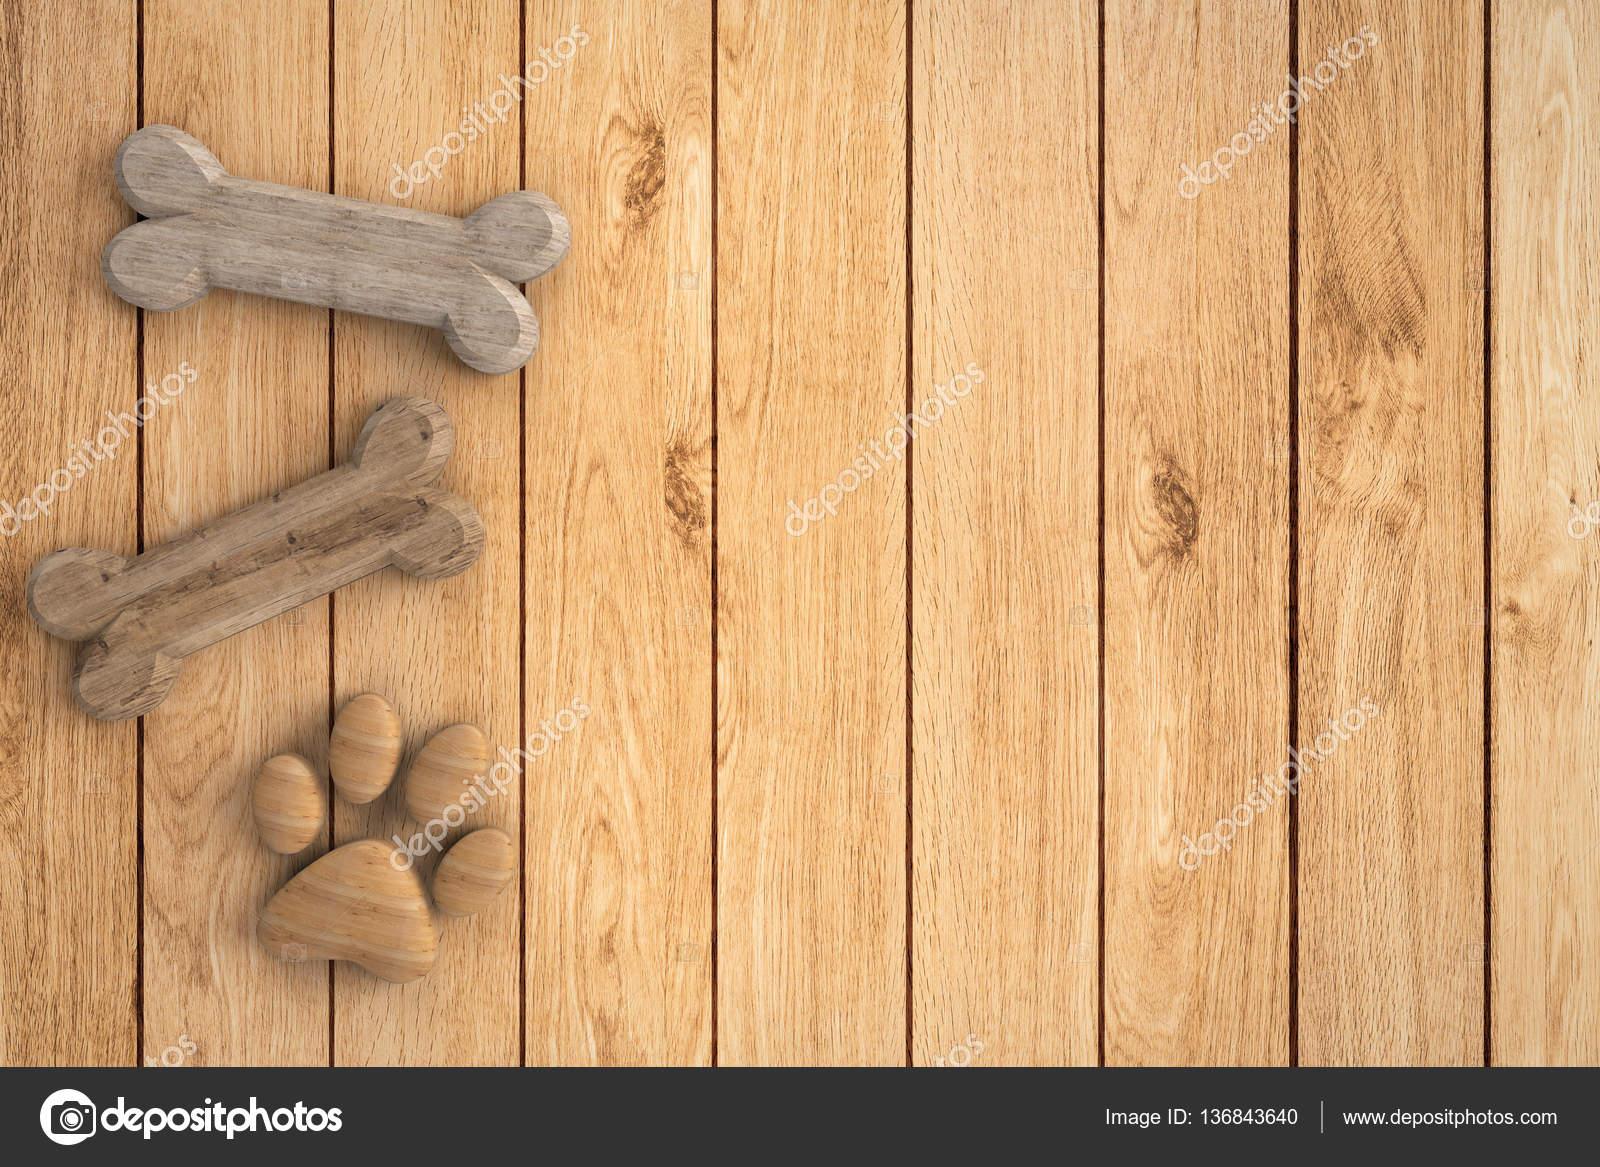 dog bones on wooden background stock photo phonlamai 136843640